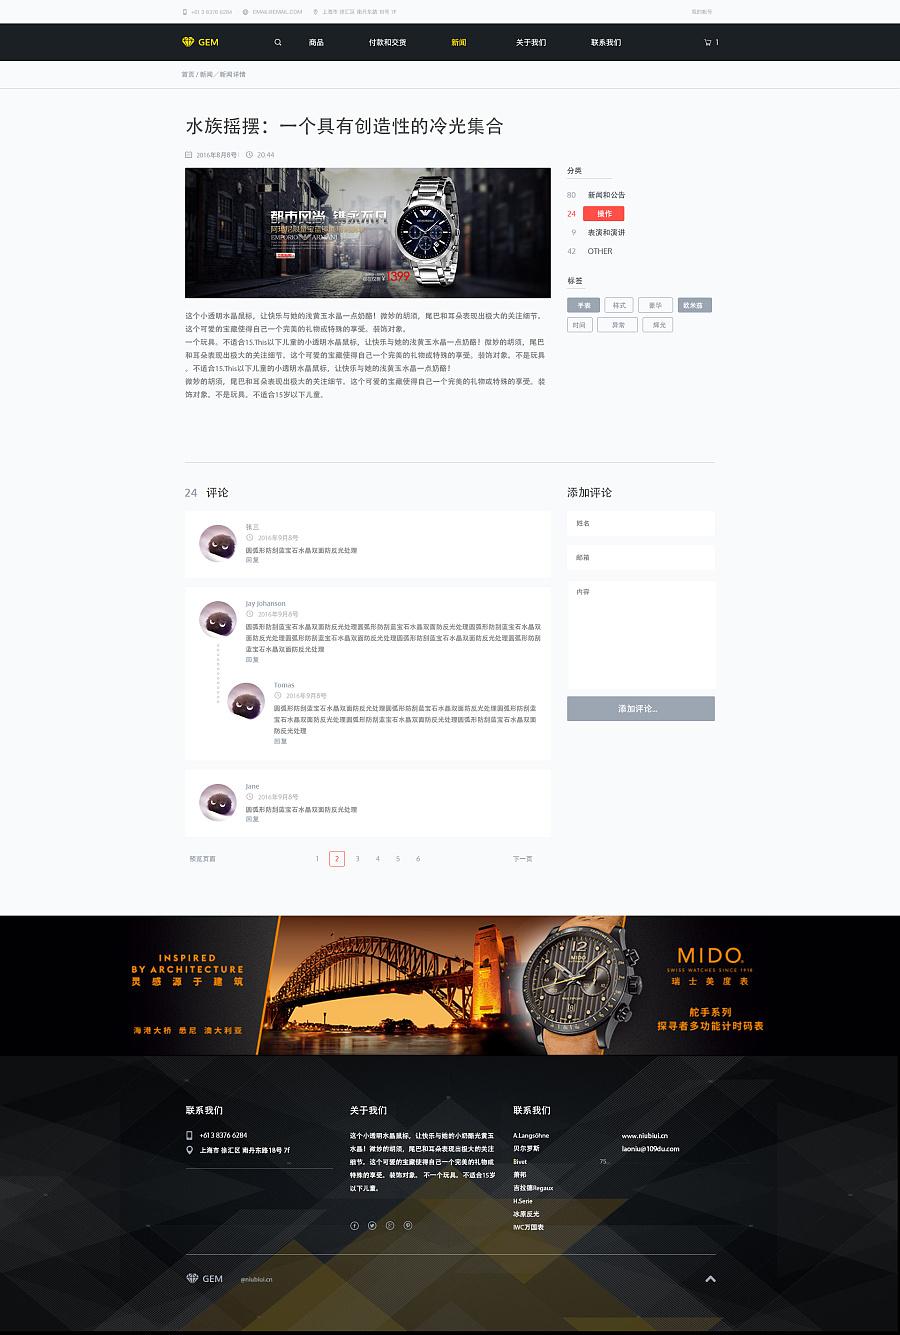 高端手表电商网站设计|电商|网页|heguicheng - 原创